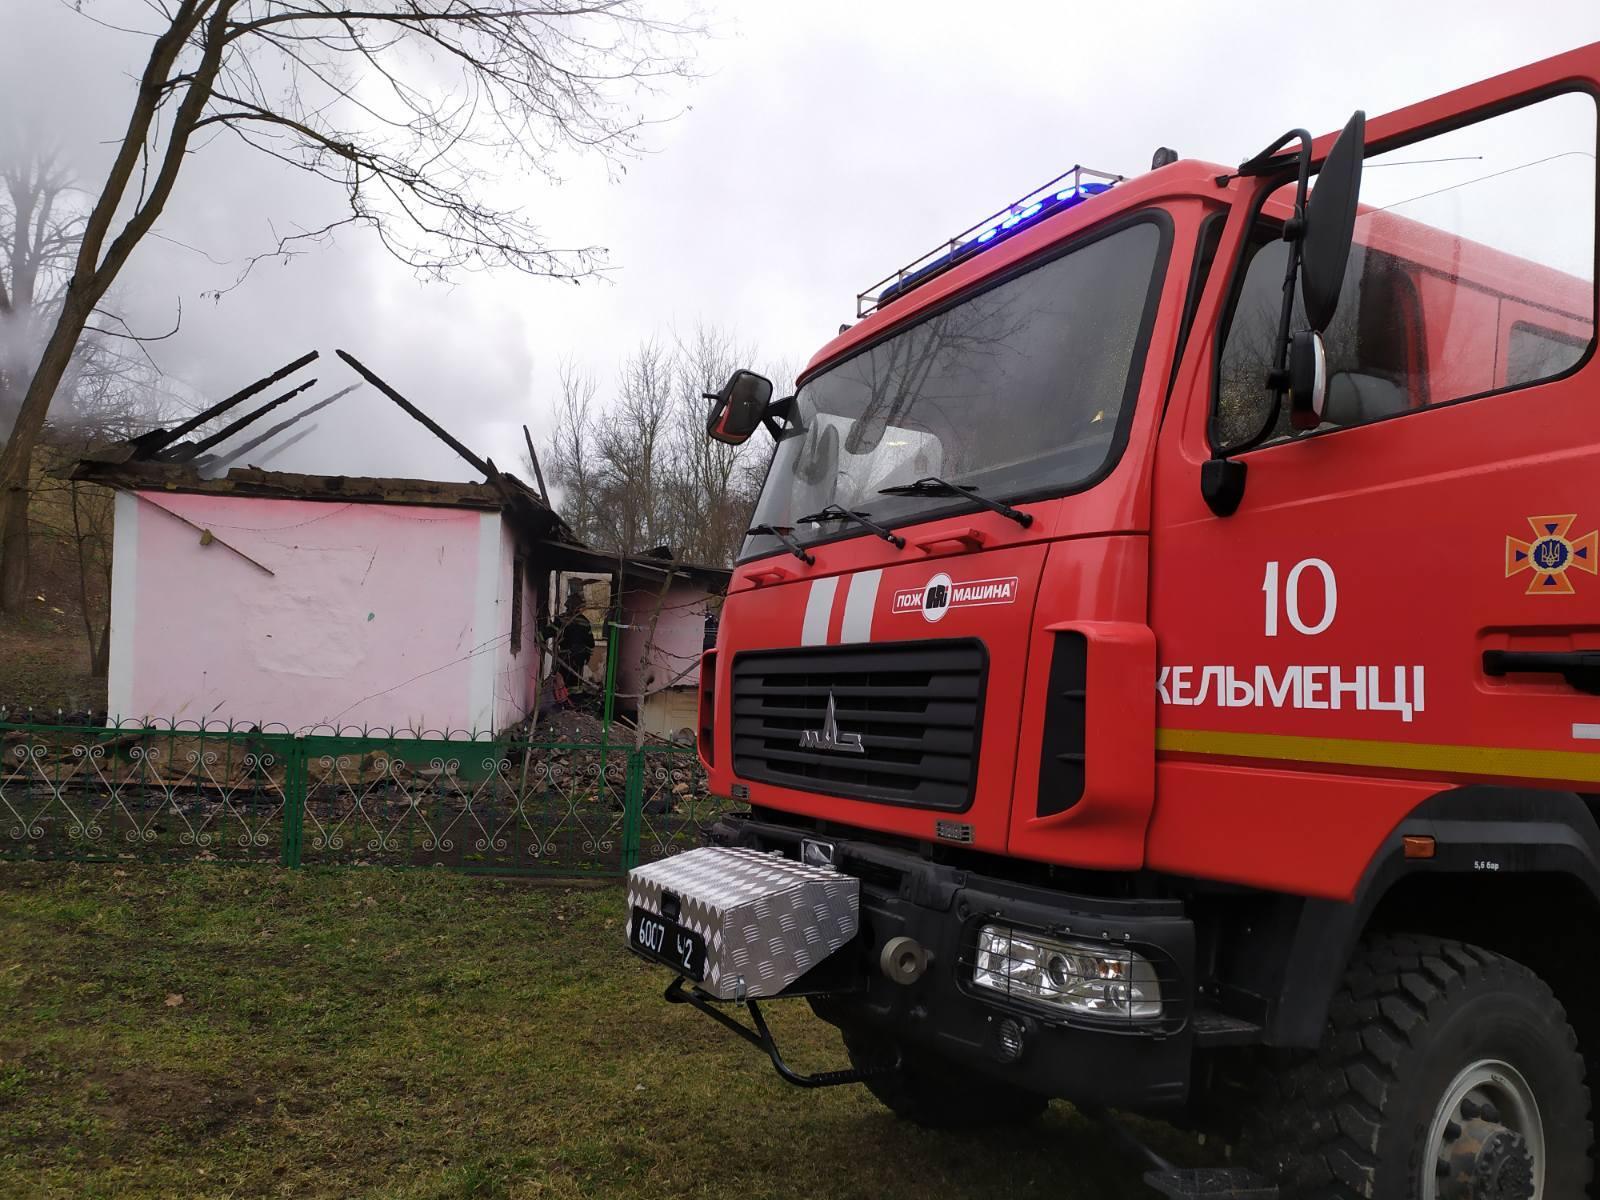 Пожар под Черновцами